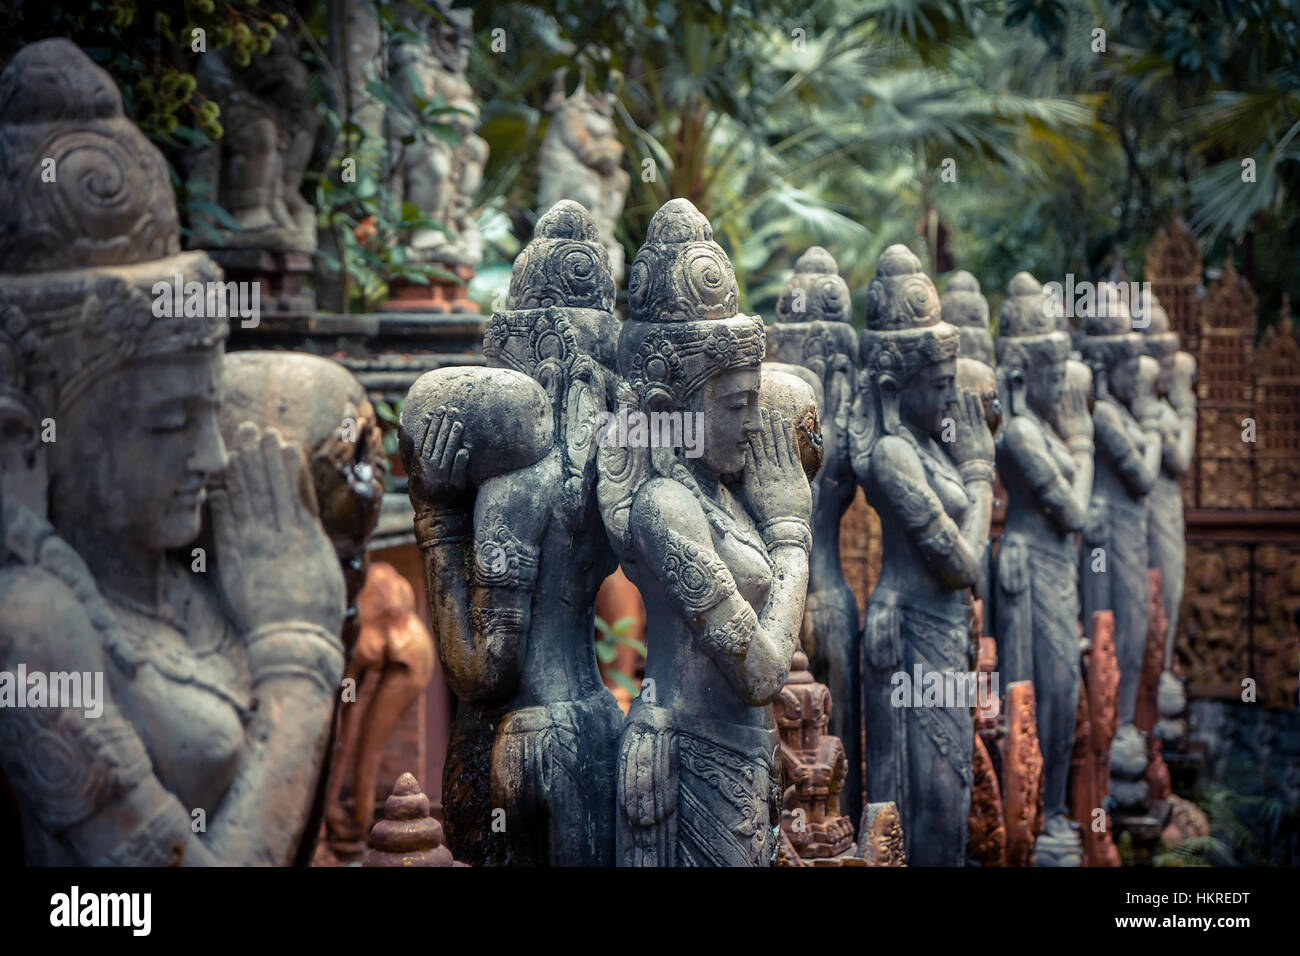 Tradizionali asiatici sculture di divinità del Buddismo in stile vintage nel giardino tropicale che illustra Immagini Stock